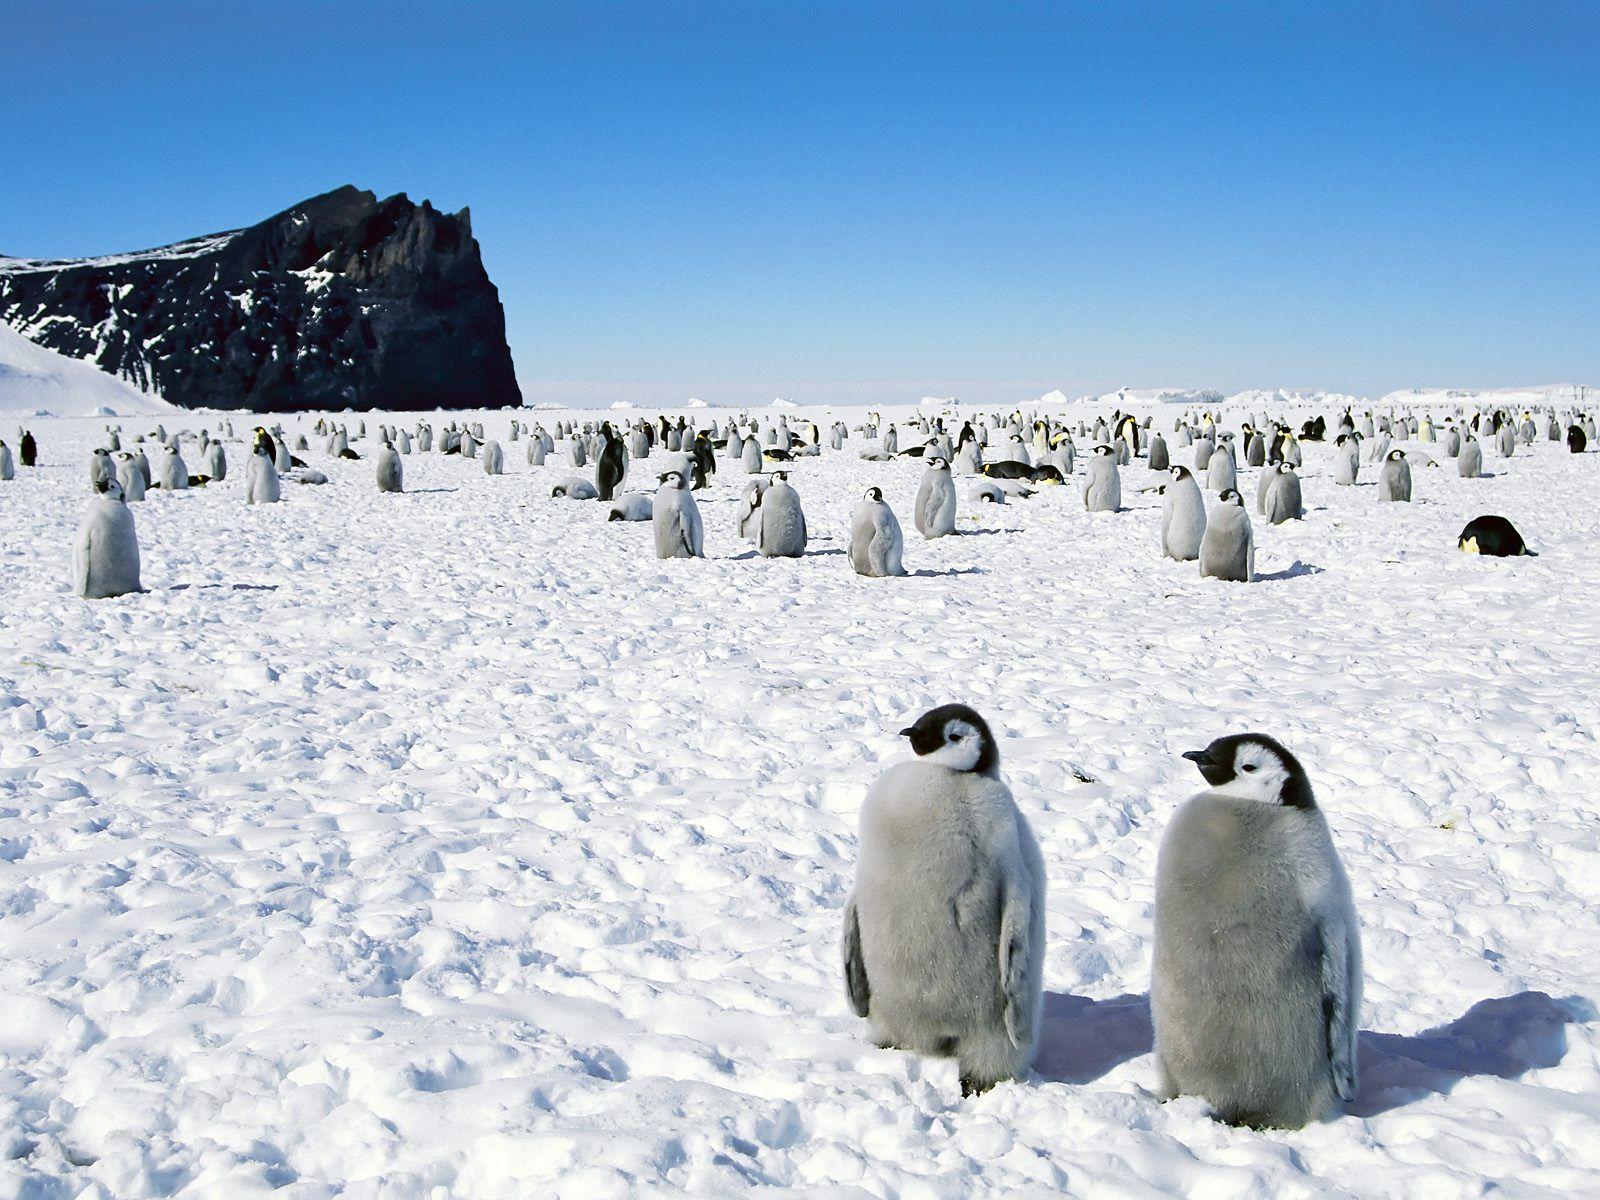 Frozen Antarctica and penguin Wallpaper HD Wallpapers